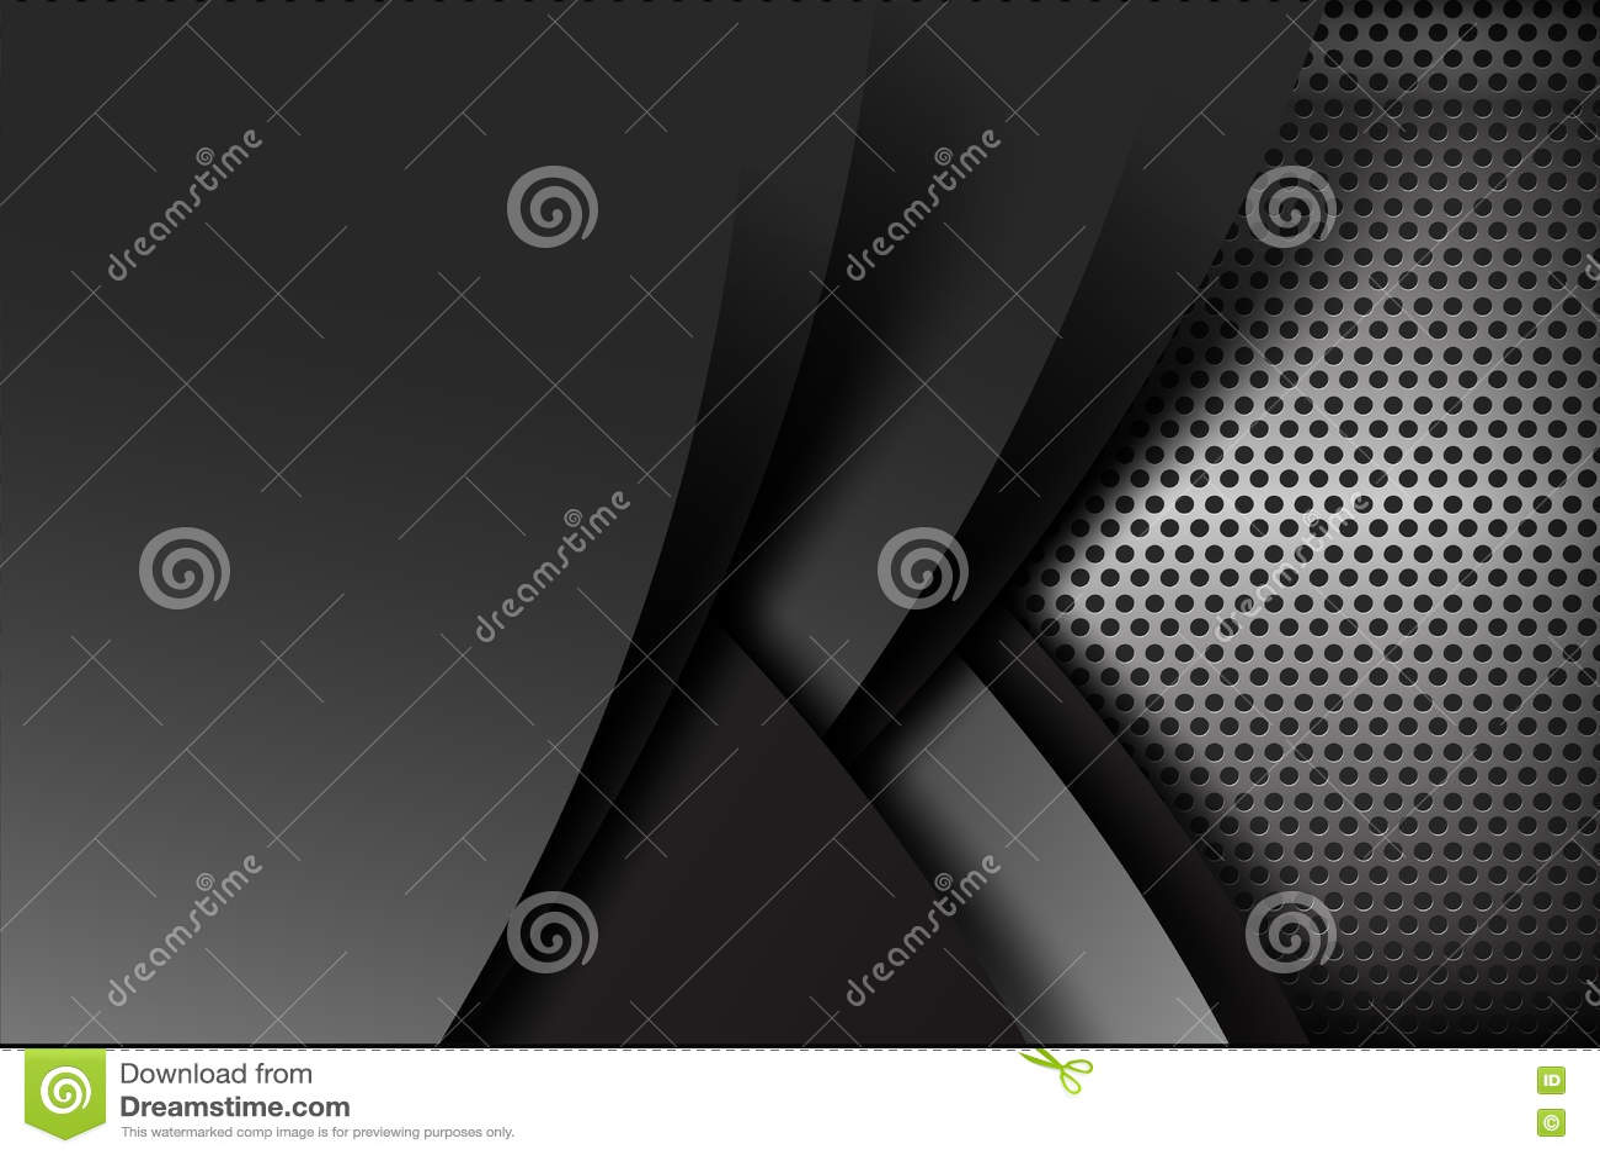 Donkere het elementen van de chroom zwarte en grijze laag textuur als achtergrond